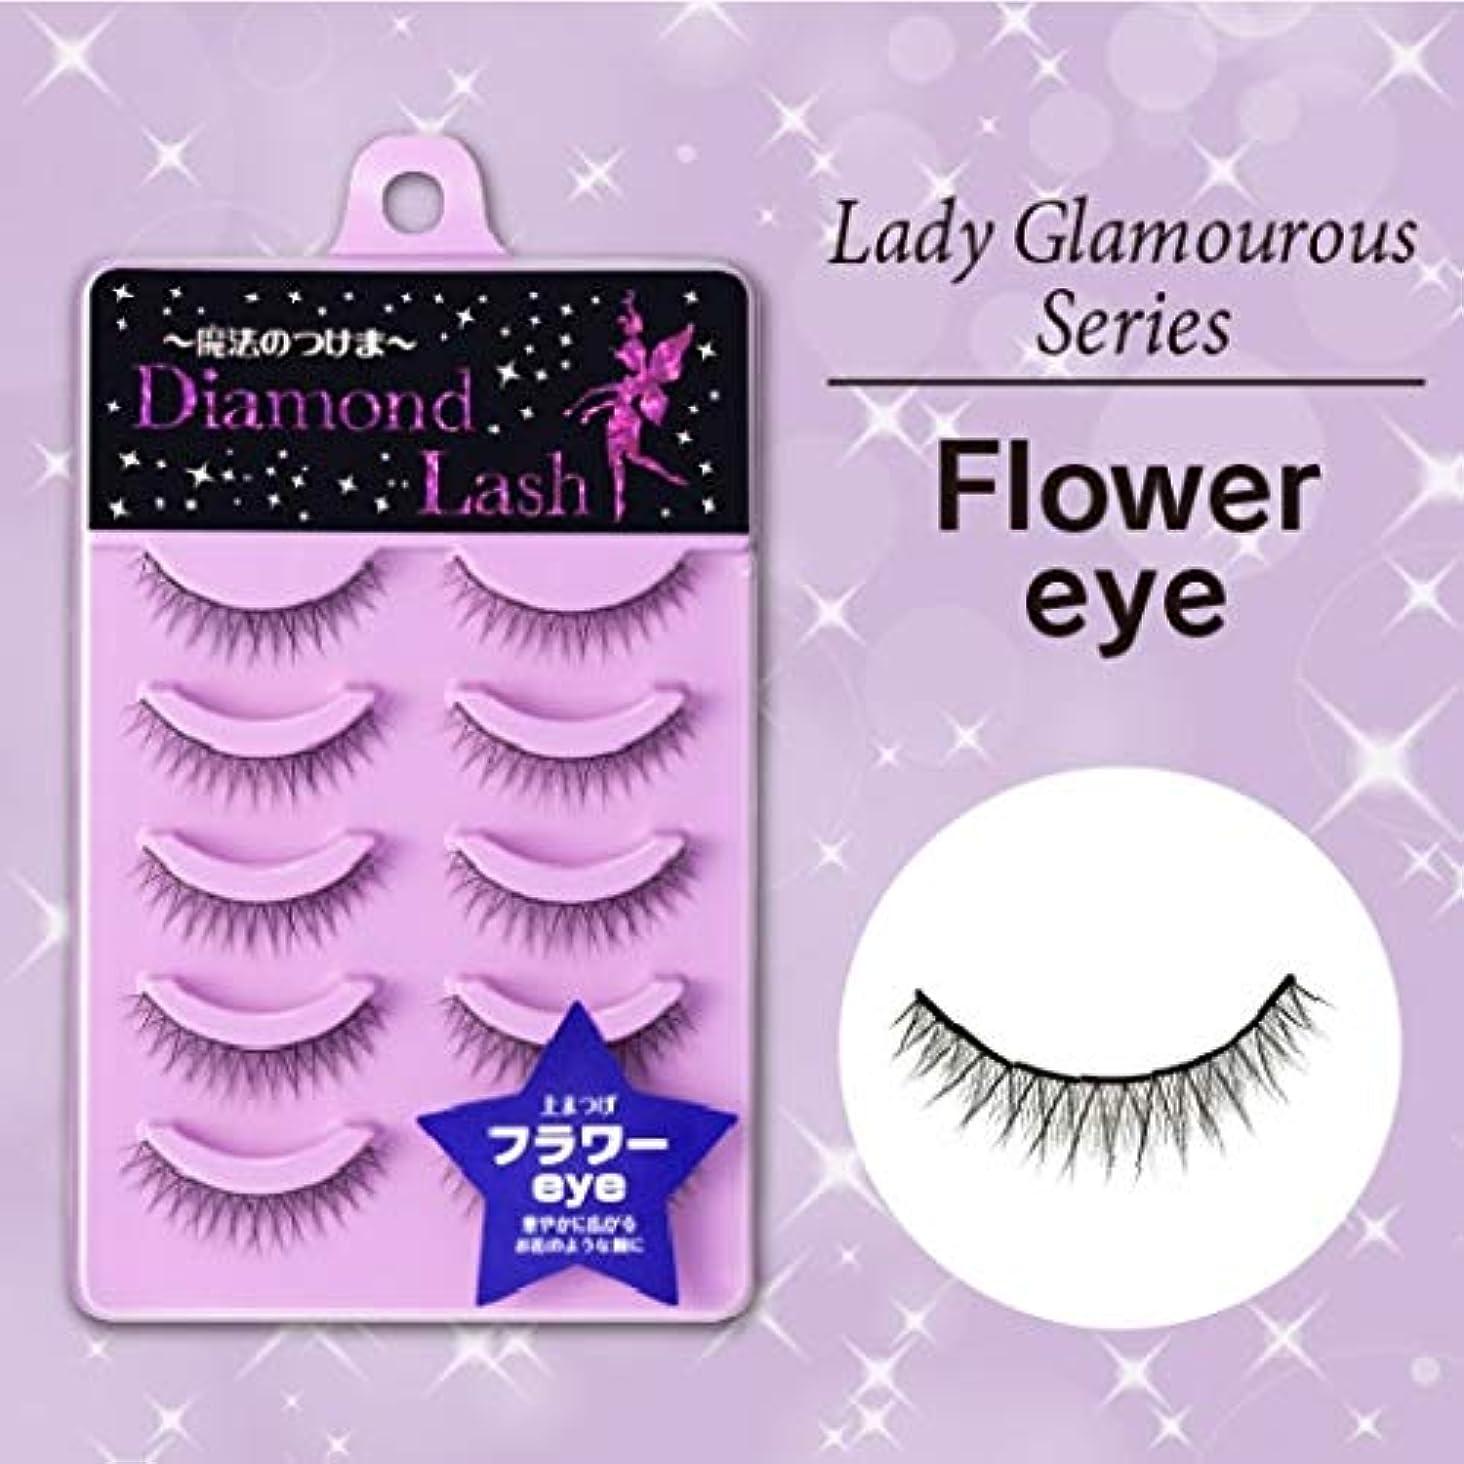 振る舞うコイン穀物Diamond Lash(ダイヤモンドラッシュ) レディグラマスシリーズ フラワーeye